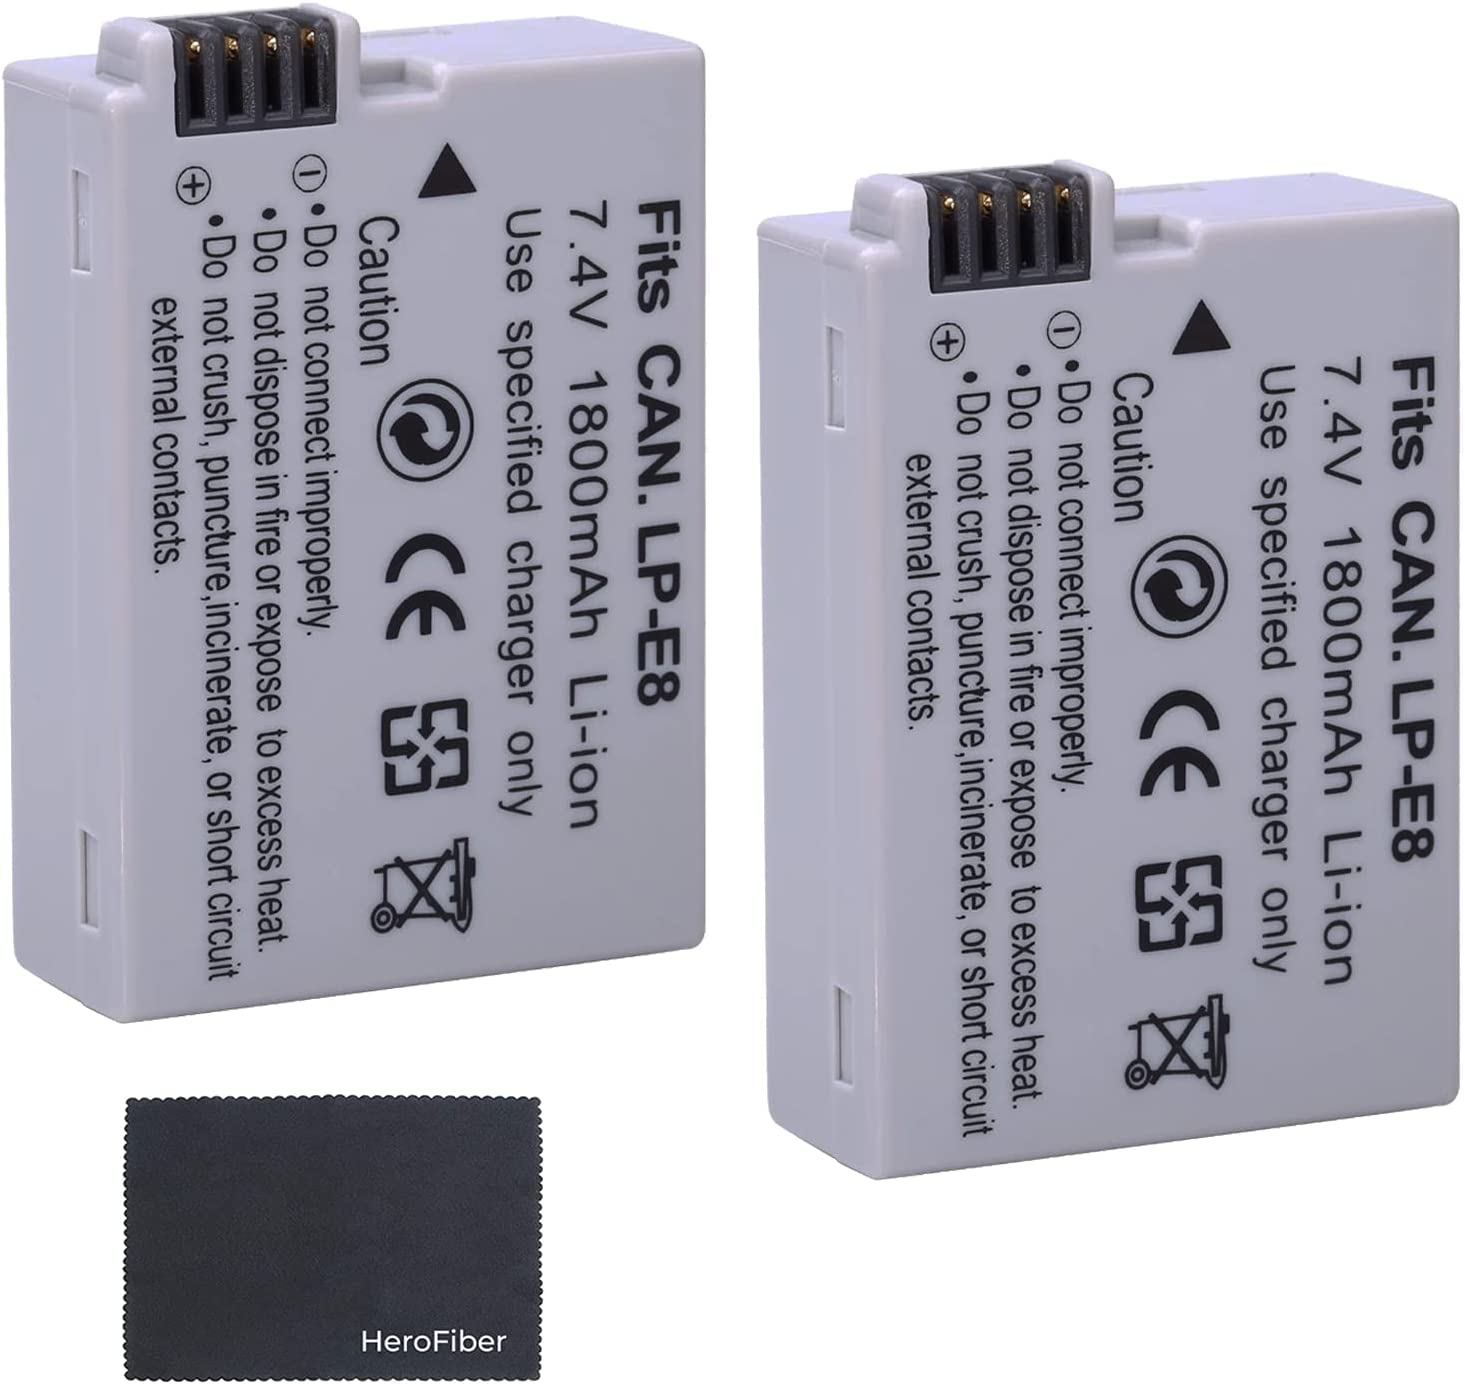 T4i 650D PATONA 2X Bateria LP-E8 Compatible con Canon EOS 550D T5i 600D T3i 700D Rebel T2i